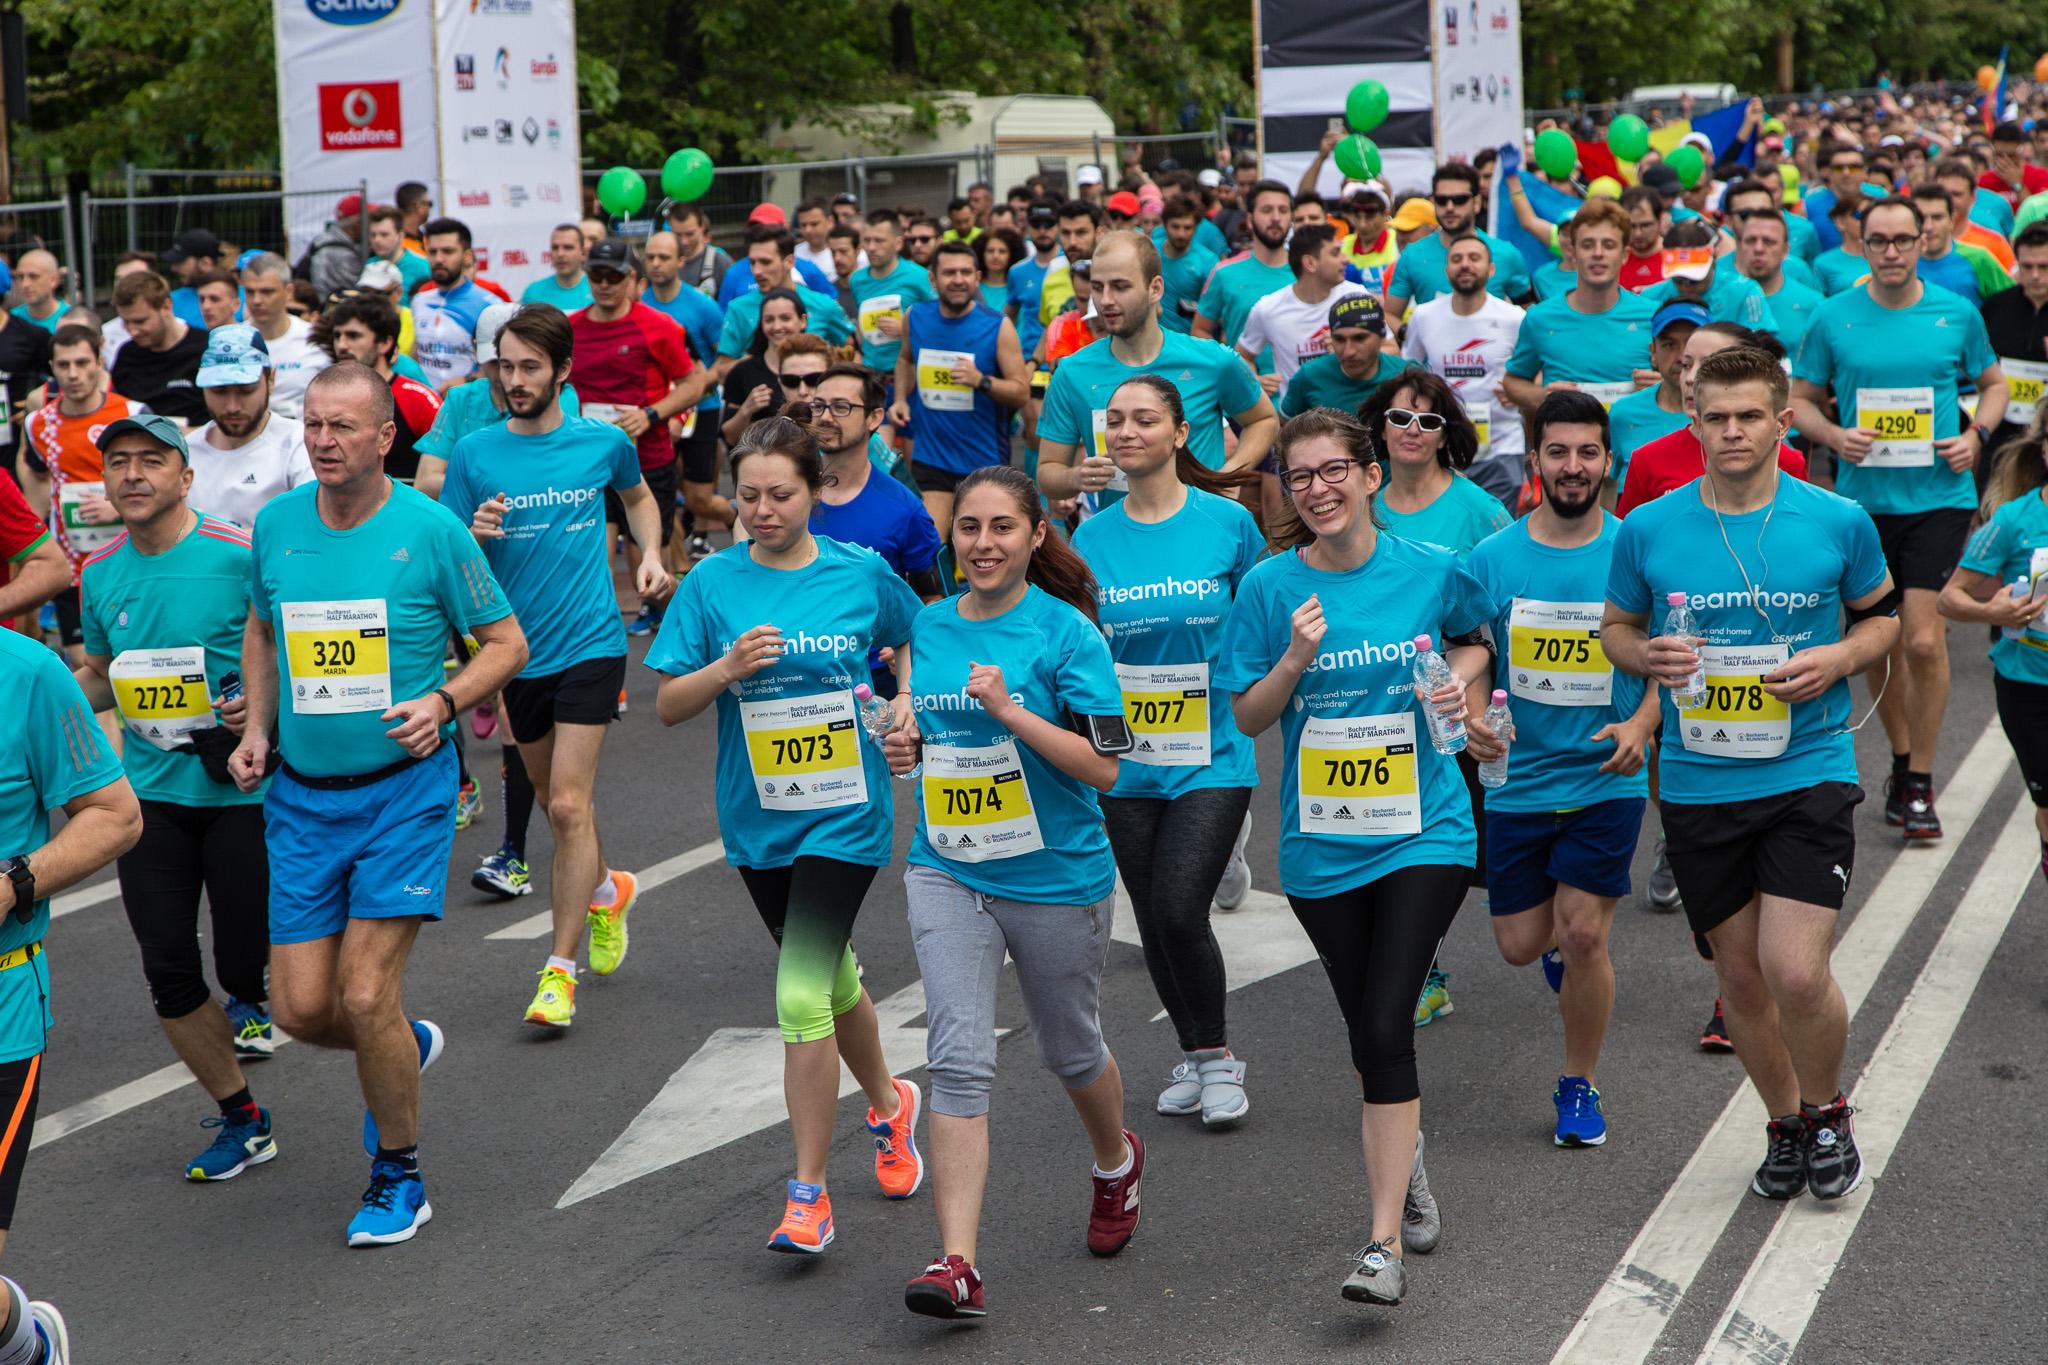 Team Hope_Semimaratonul Bucuresti 2017_02_Foto Mihnea Ciulei.jpg